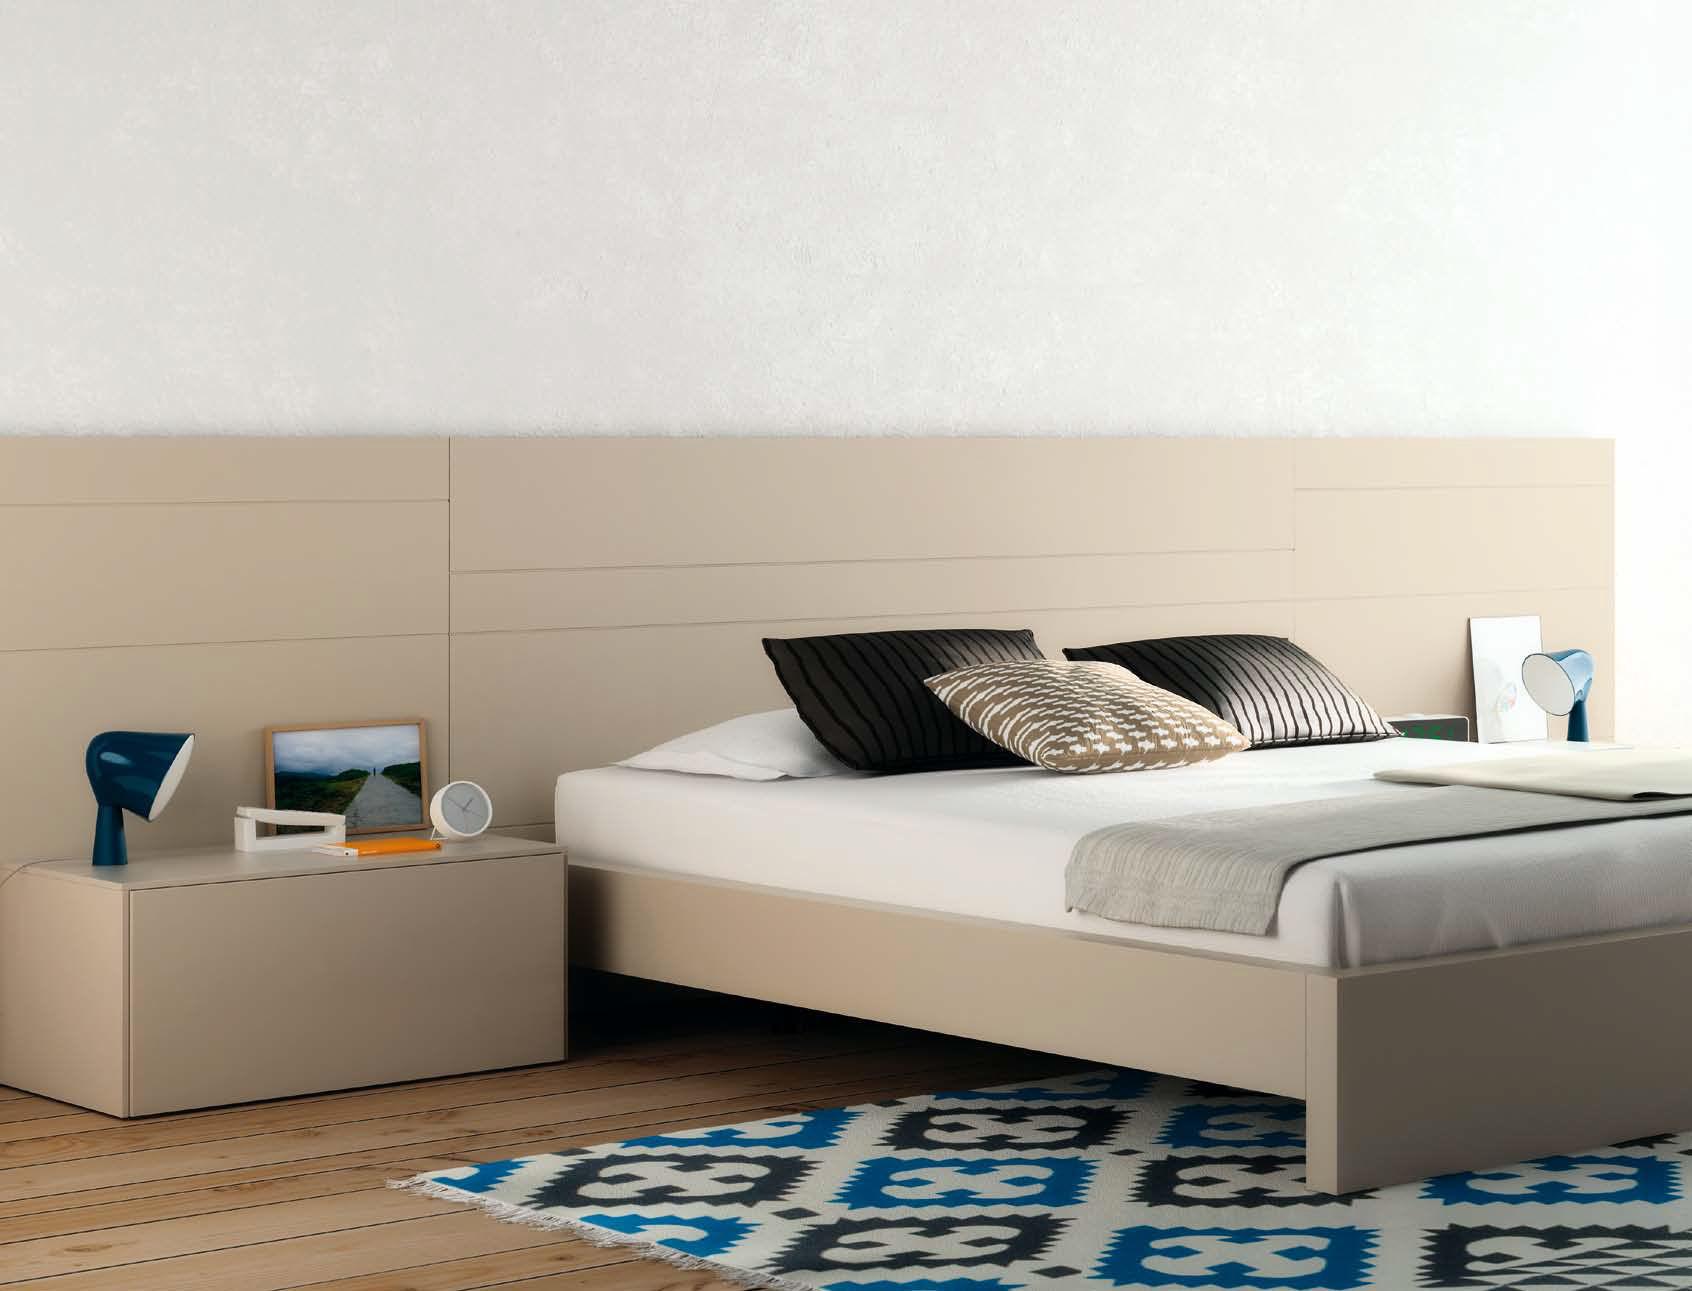 Moderno Cama Doble Muebles Regalo - Muebles de Diseño Moderno ...